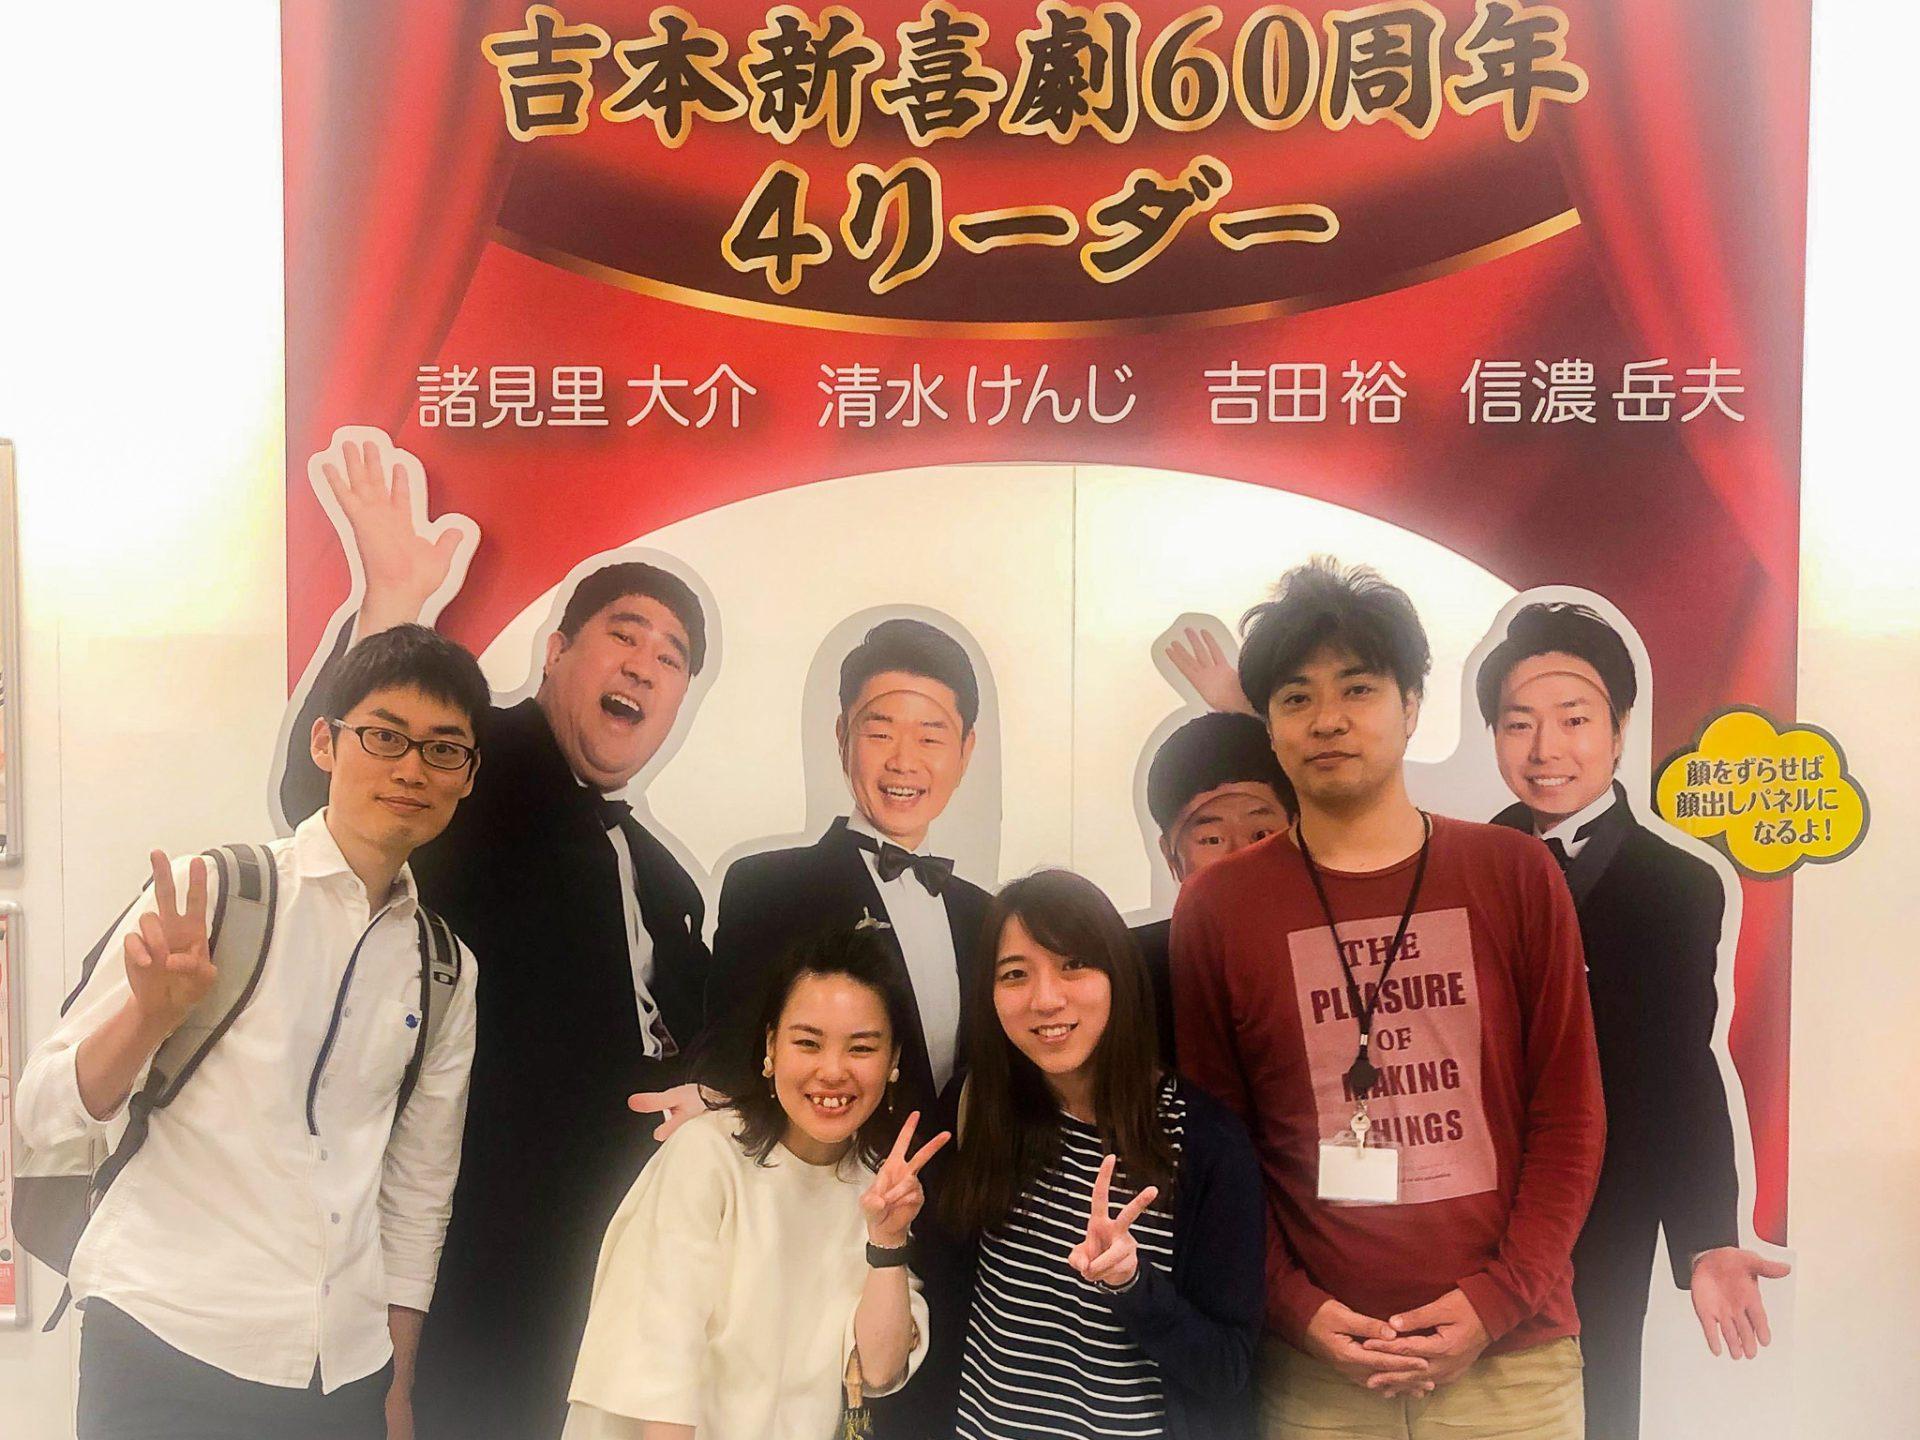 吉本新喜劇を見に行ってきました